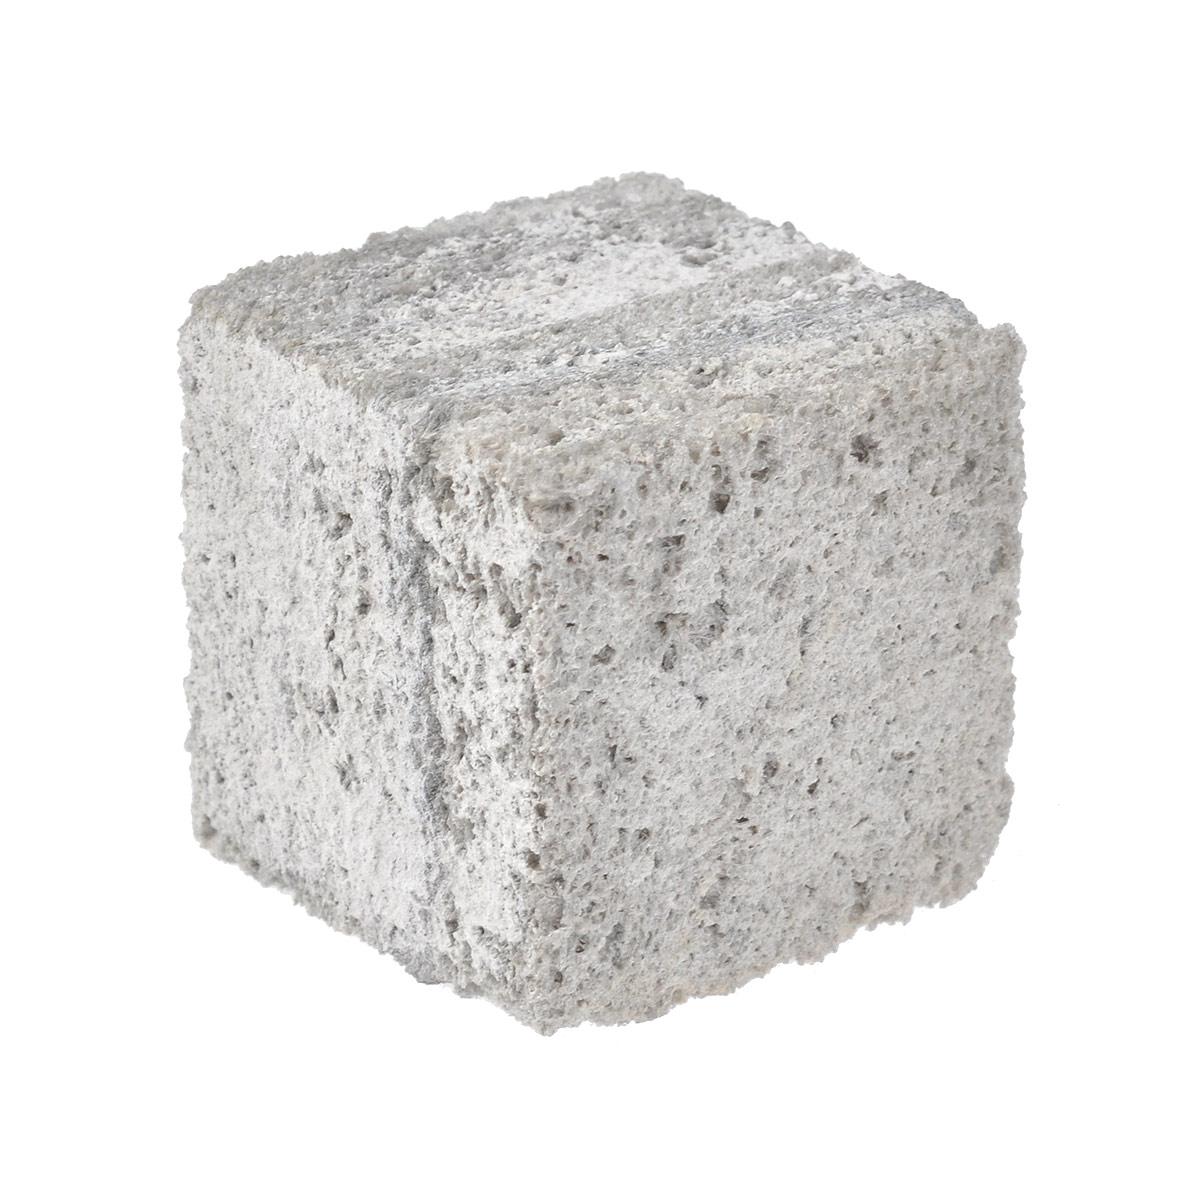 Камень для шиншилл JR Farm, жевательный, 50 г камень для шиншилл jr farm жевательный 50 г